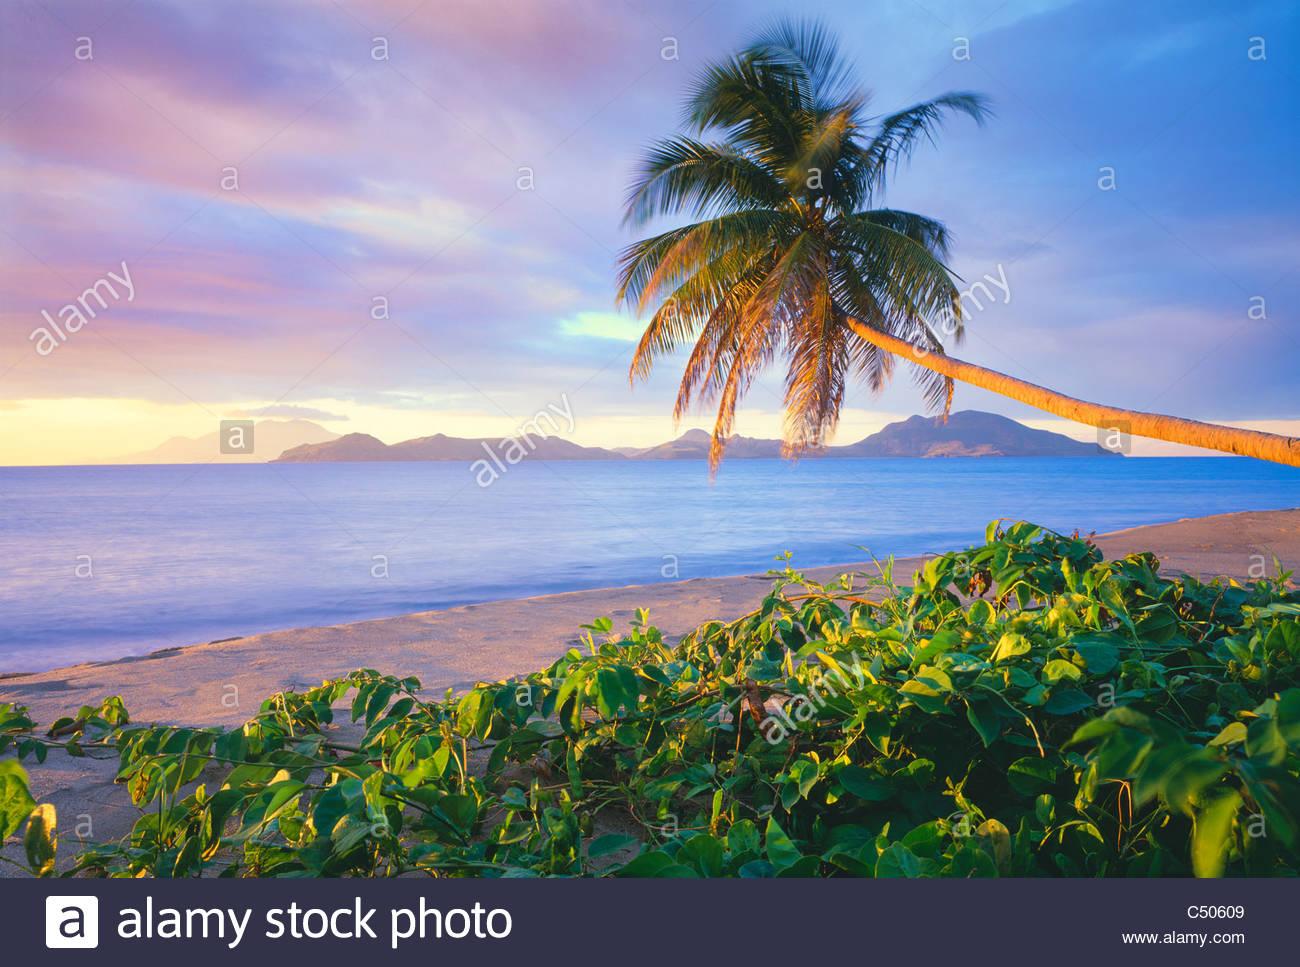 Palmier sur Pinney's Beach, avec l'île de Saint-kitts en distance. Île de Nevis, les îles Photo Stock